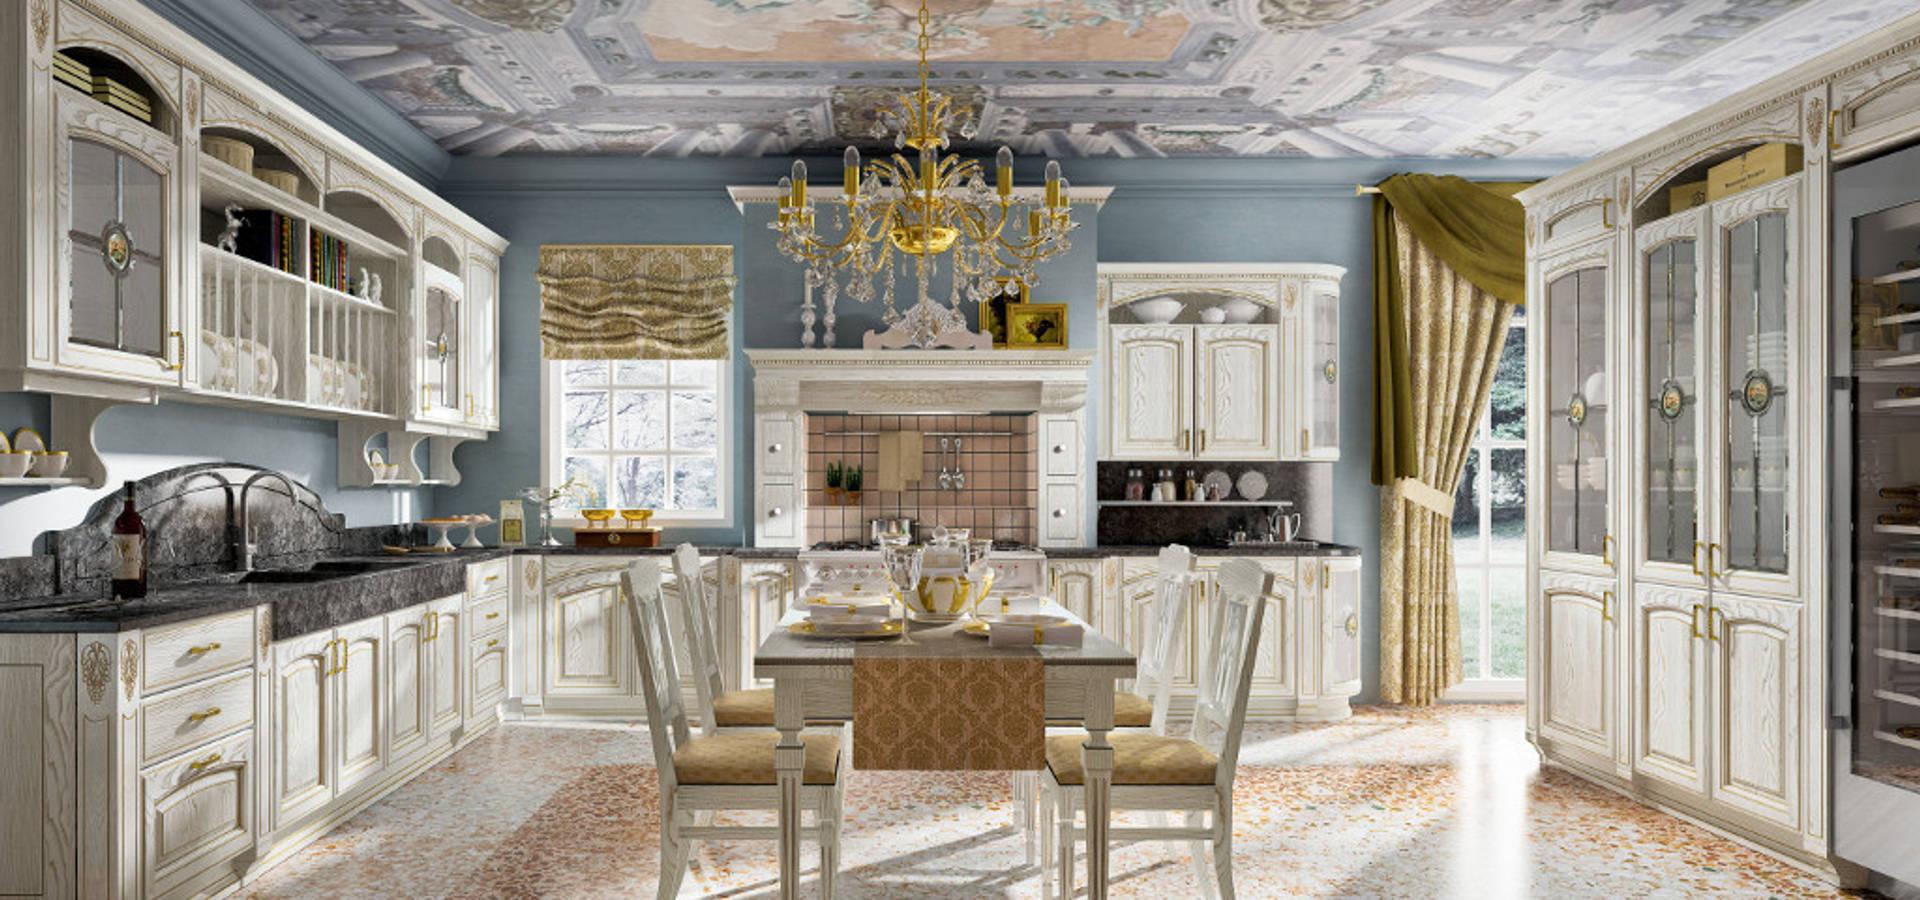 home cucine: Progettazione cucine a Cison di Valmarino | homify